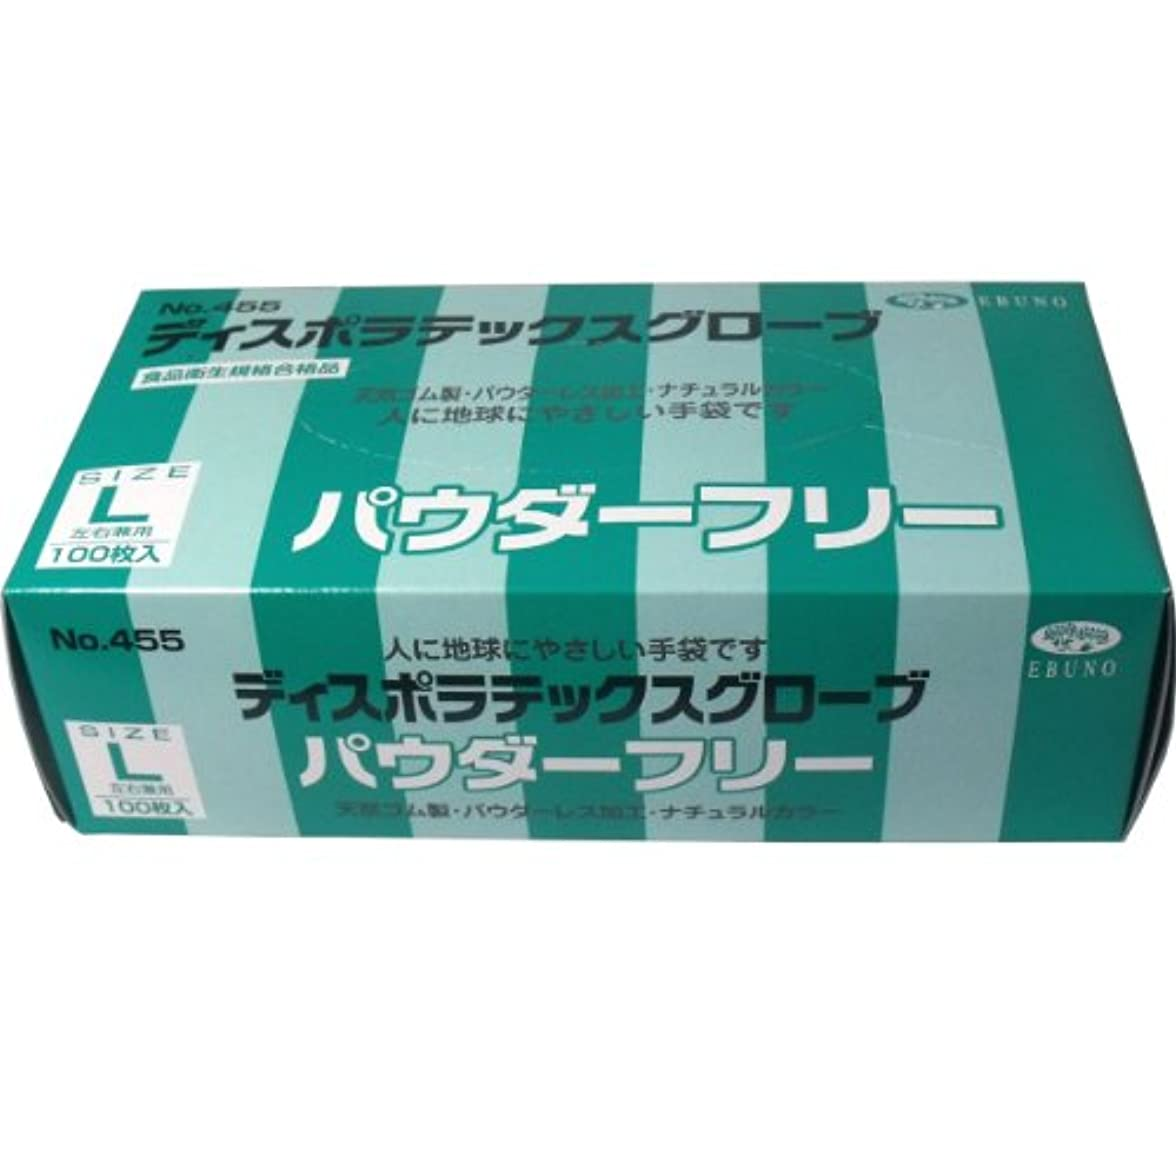 自慢略語毒液ディスポ ラテックスグローブ(天然ゴム手袋) パウダーフリー Lサイズ 100枚入(単品)